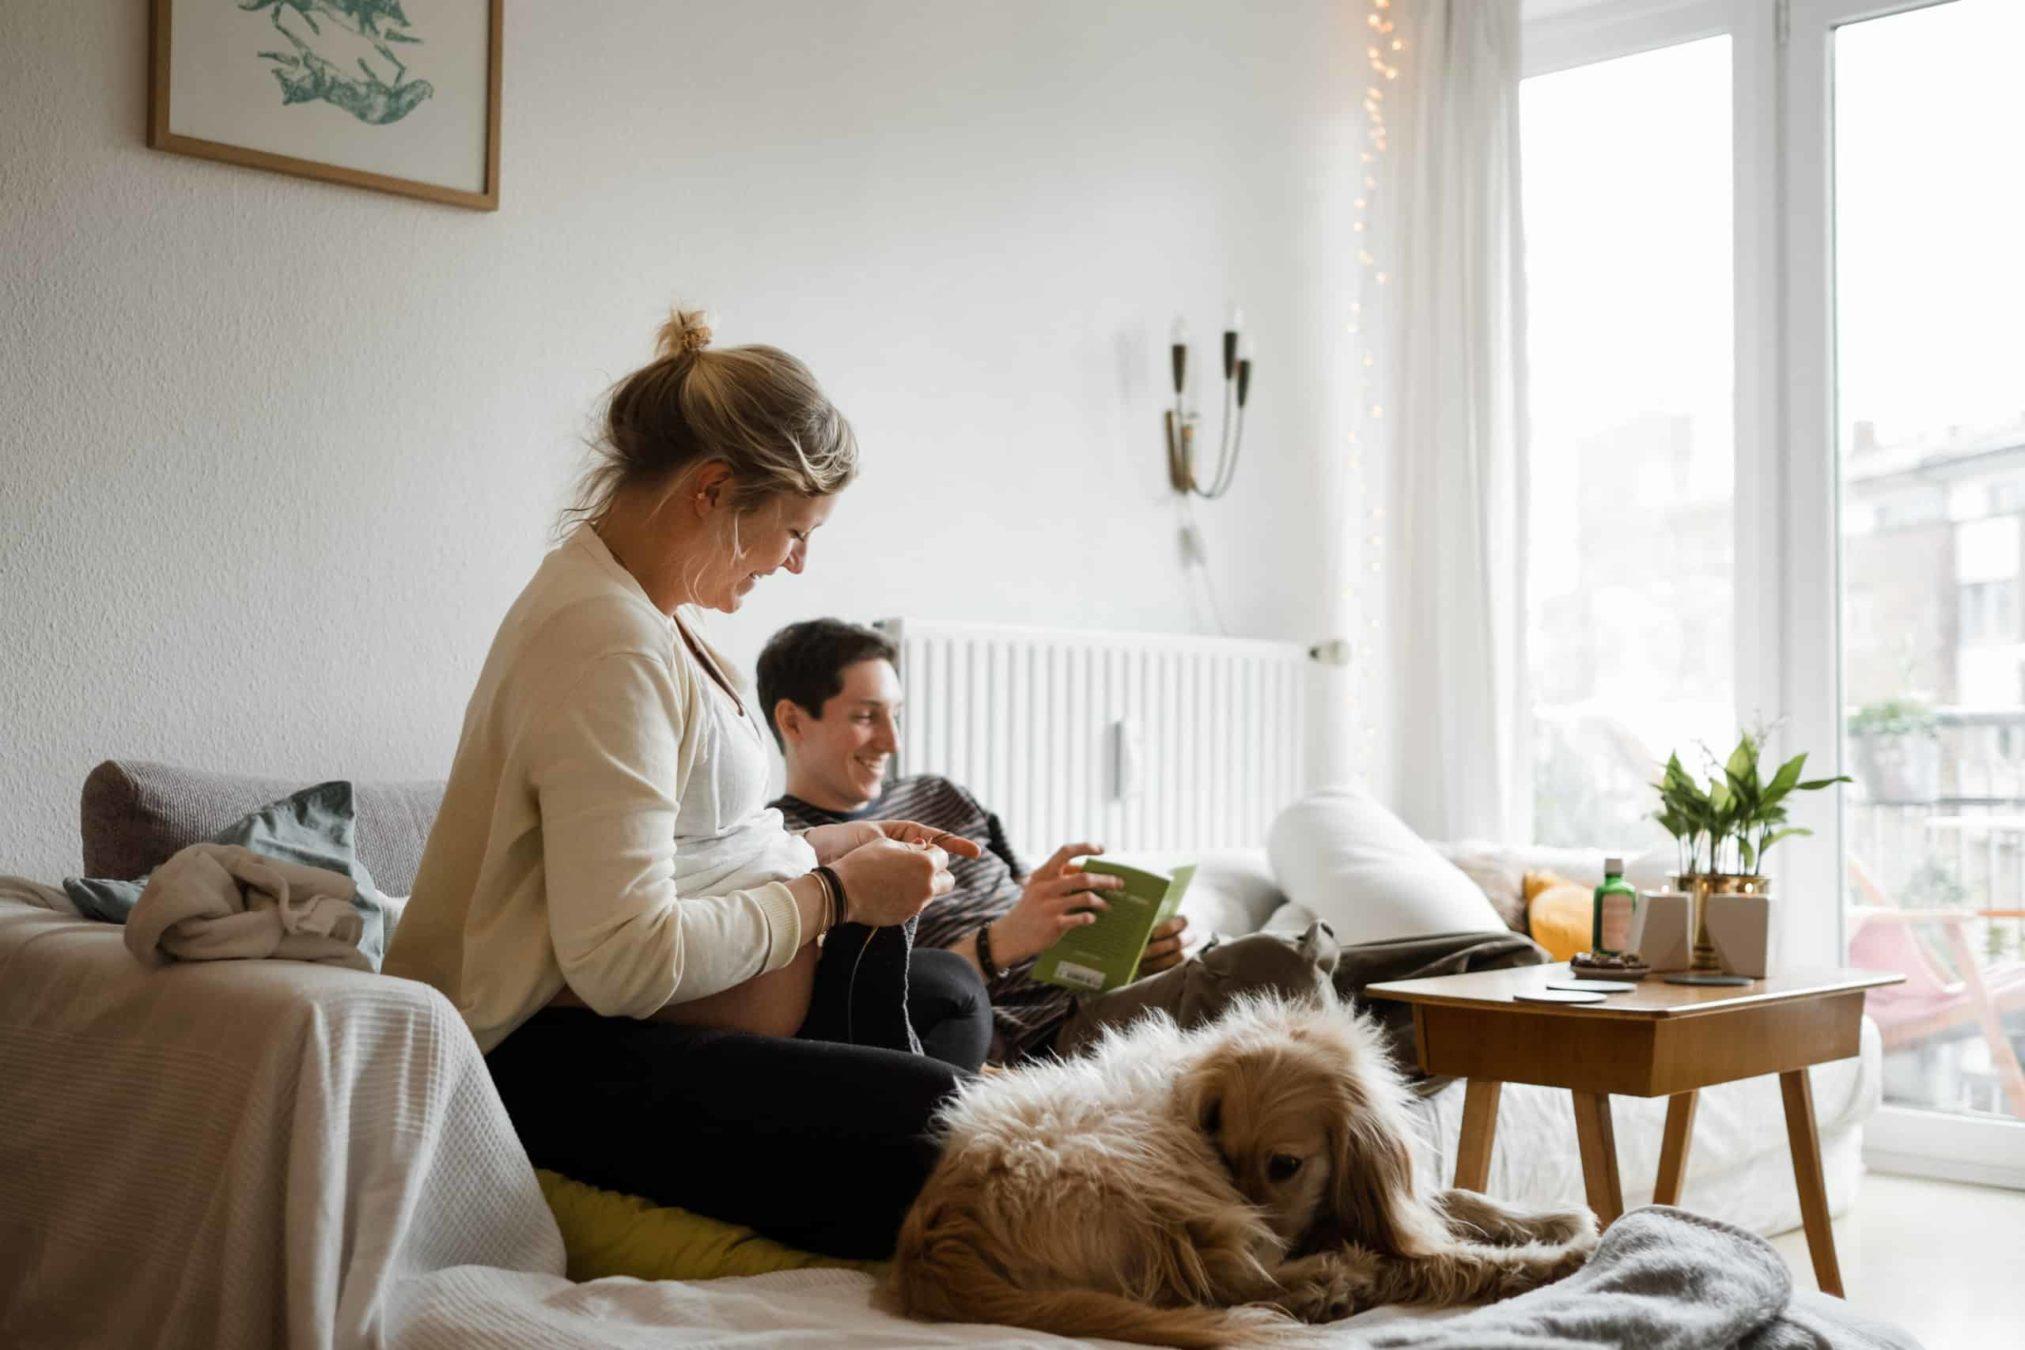 ein Mann und eine schwangere Frau sitzen auf einem Sofa in einem Wohnzimmer, die Frau ist schwanger, sie strickt, der Mann sitzt über Eck neben ihr, er blättert in einem Buch, neben der Frau sitzt ein Hund